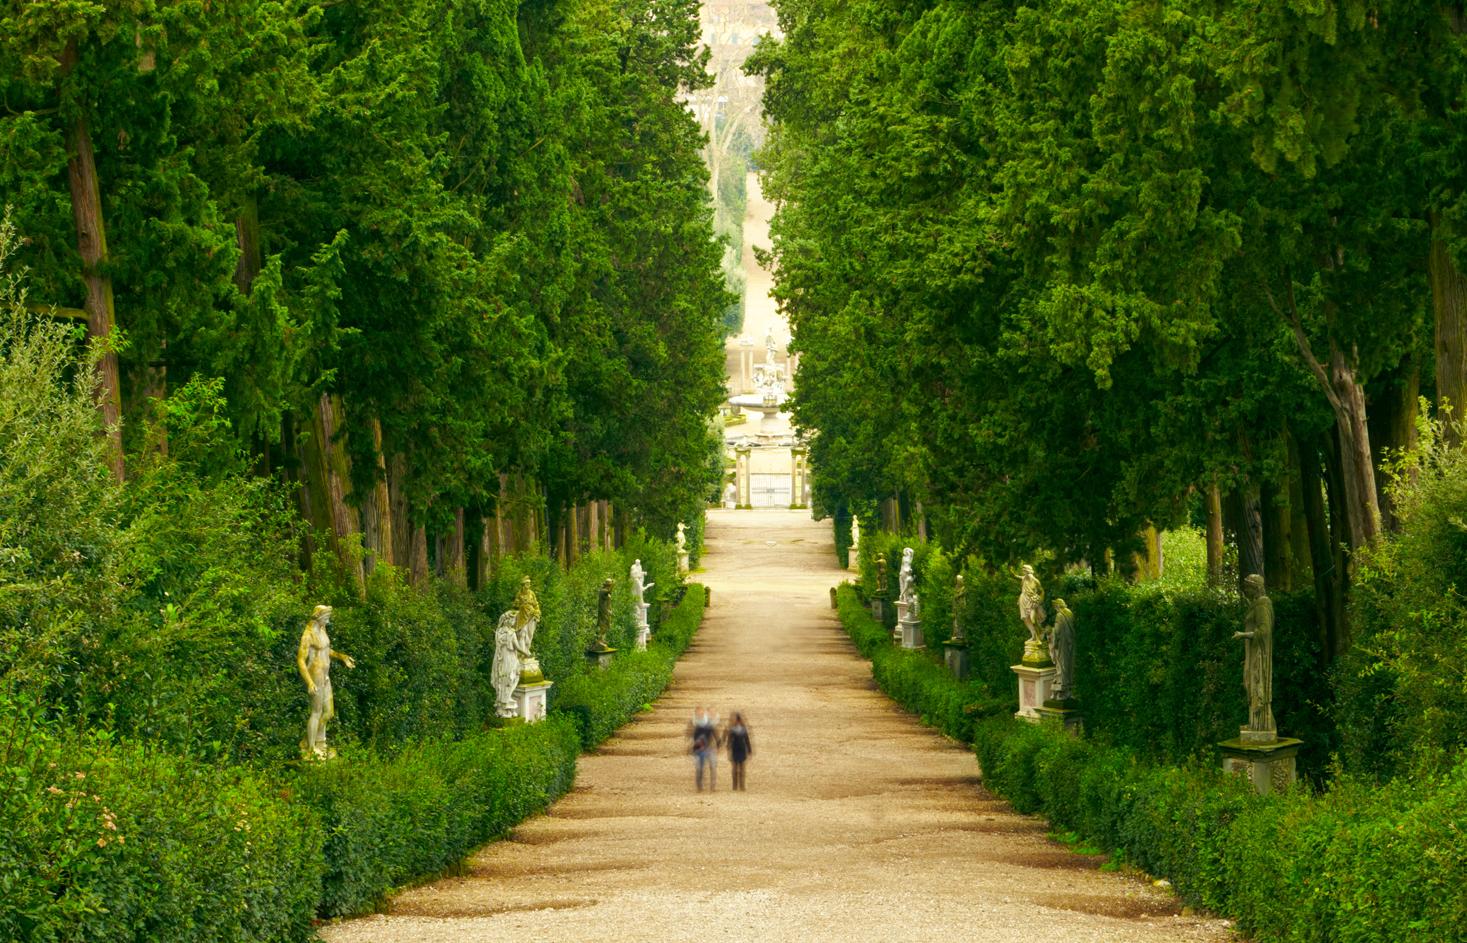 Il giardino di boboli a firenze - Immagini di giardini di villette ...